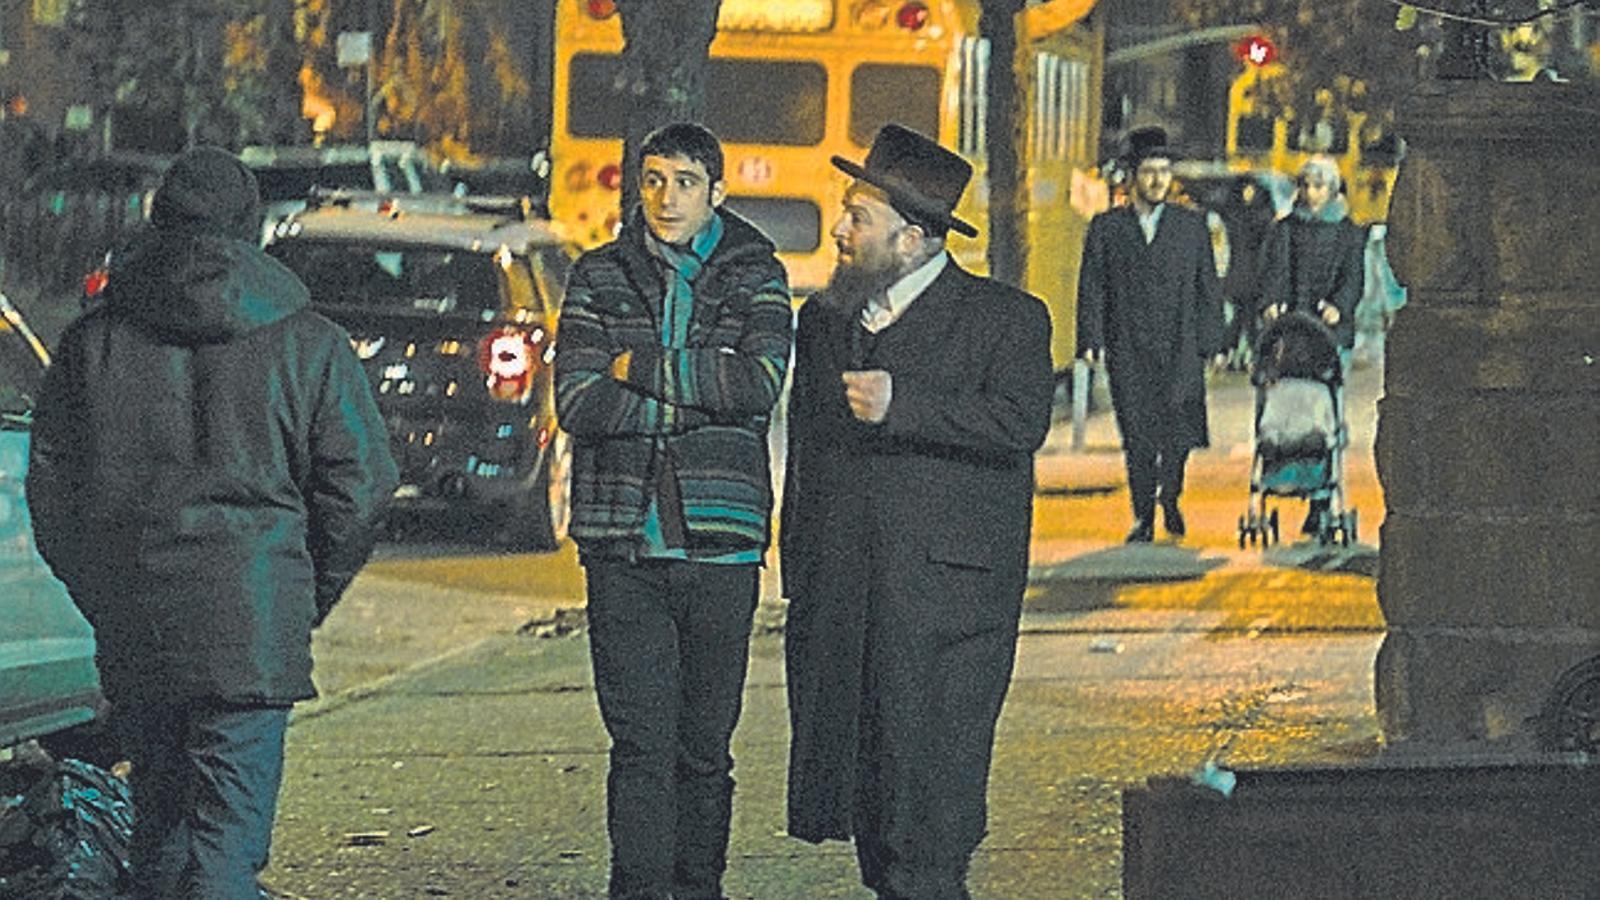 El terror jueu de 'The vigil' tanca el Festival de Sitges